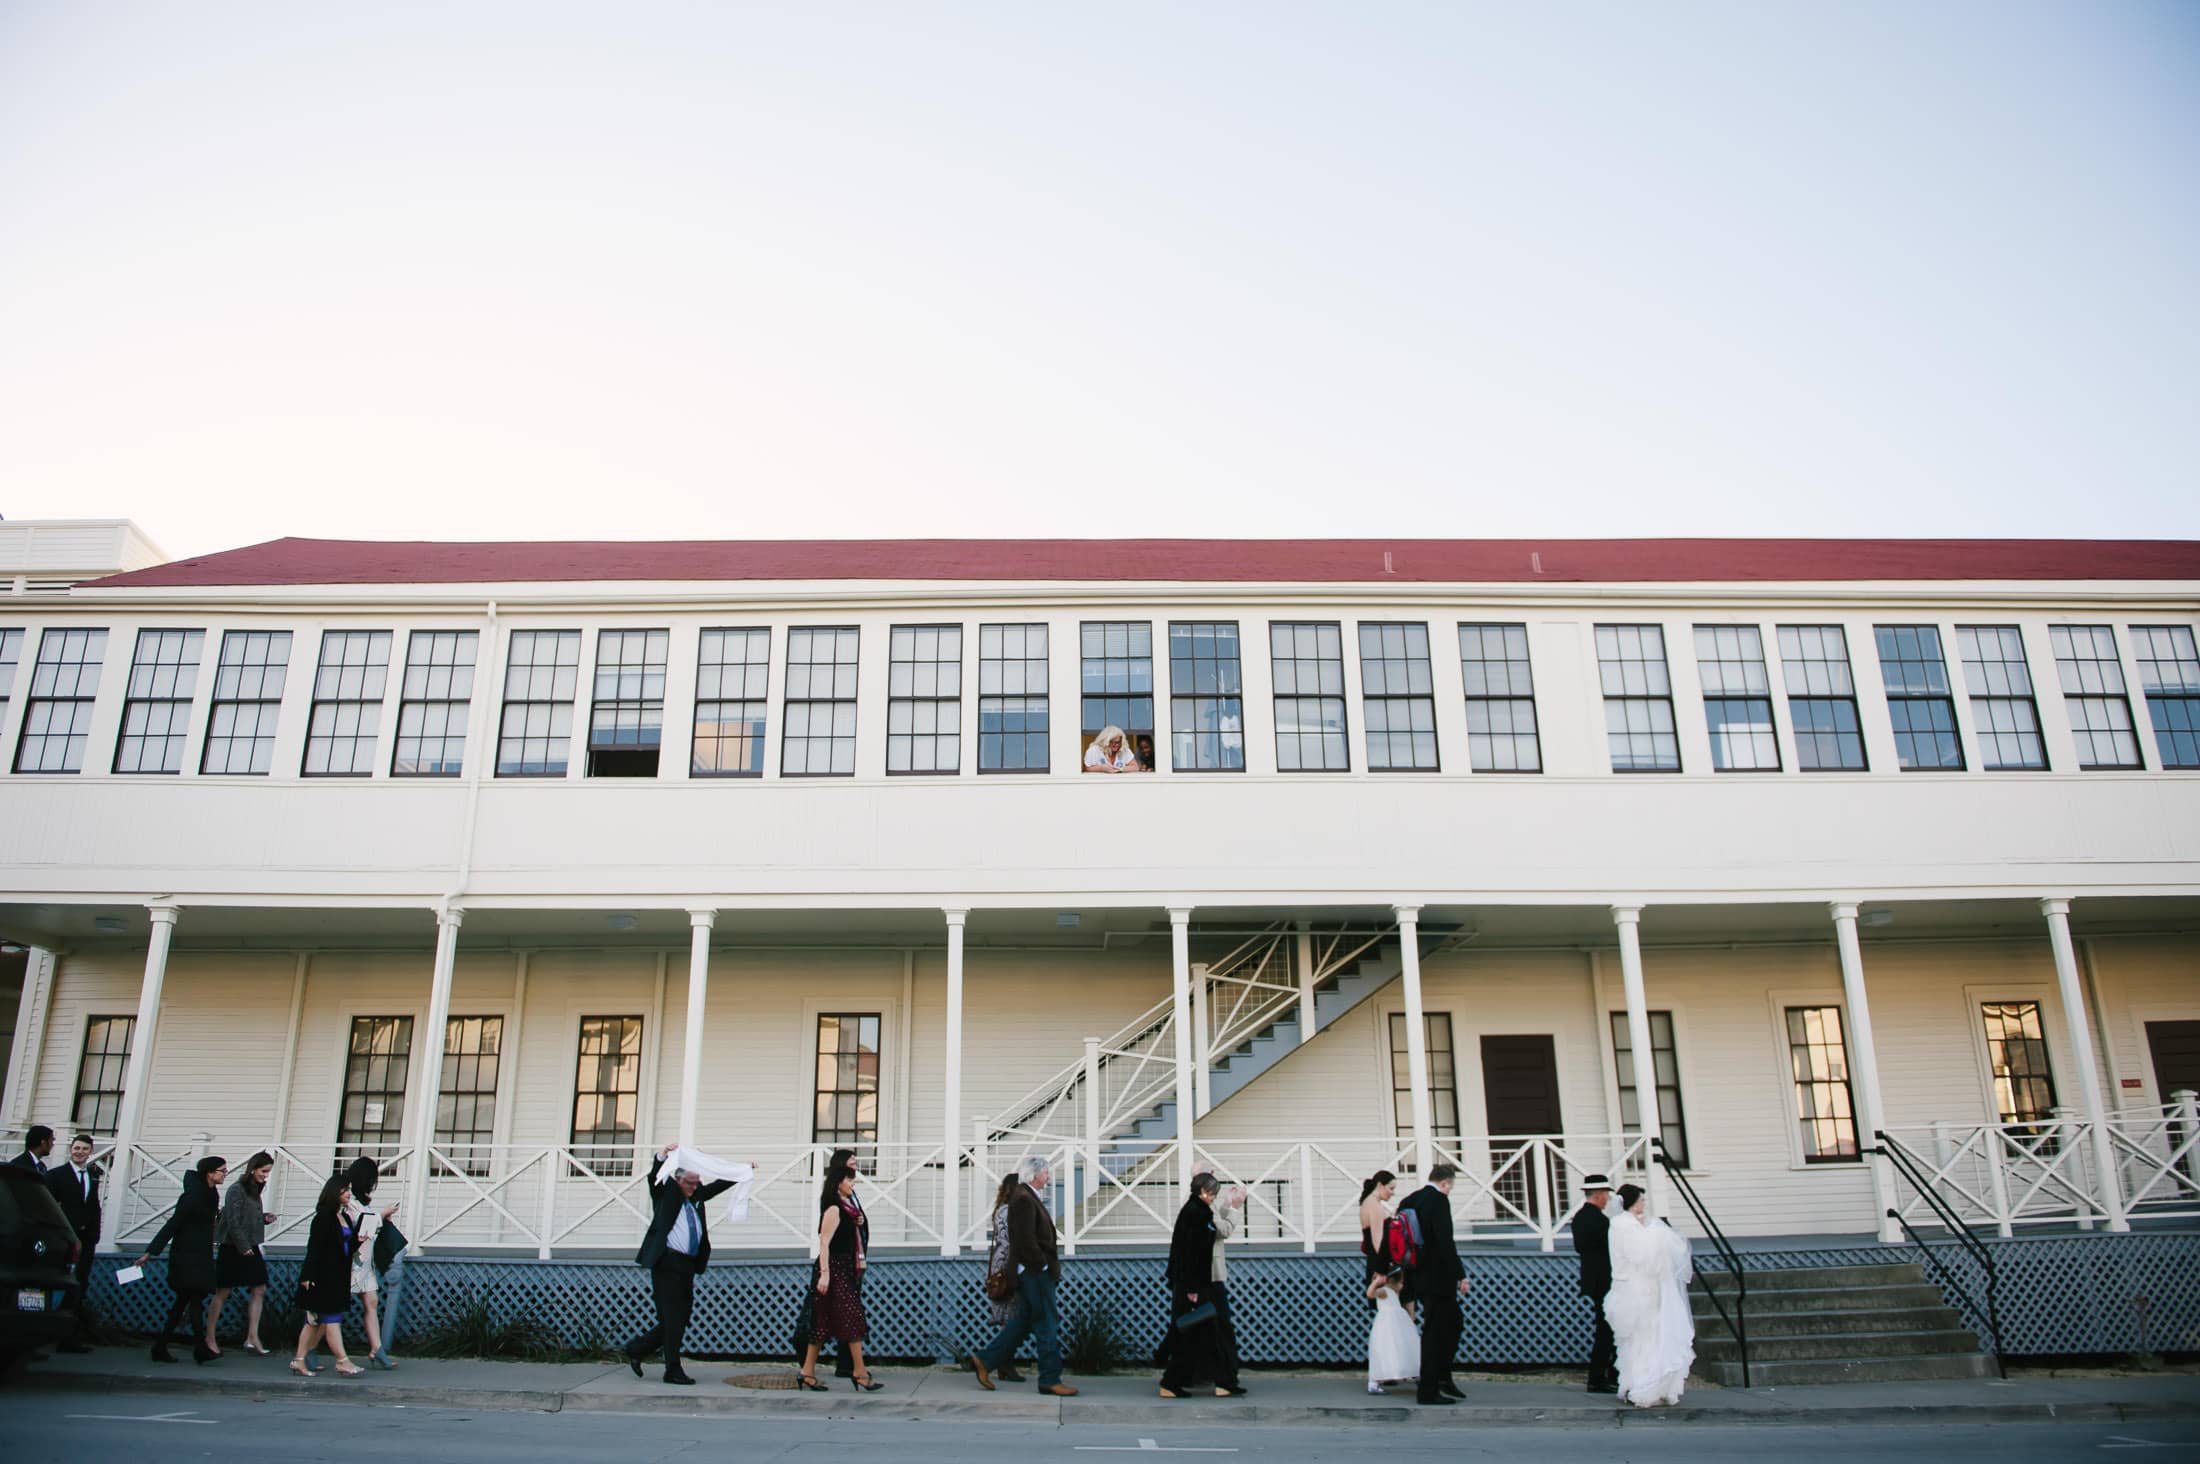 Parading Wedding Party in the San Francisco Presidio